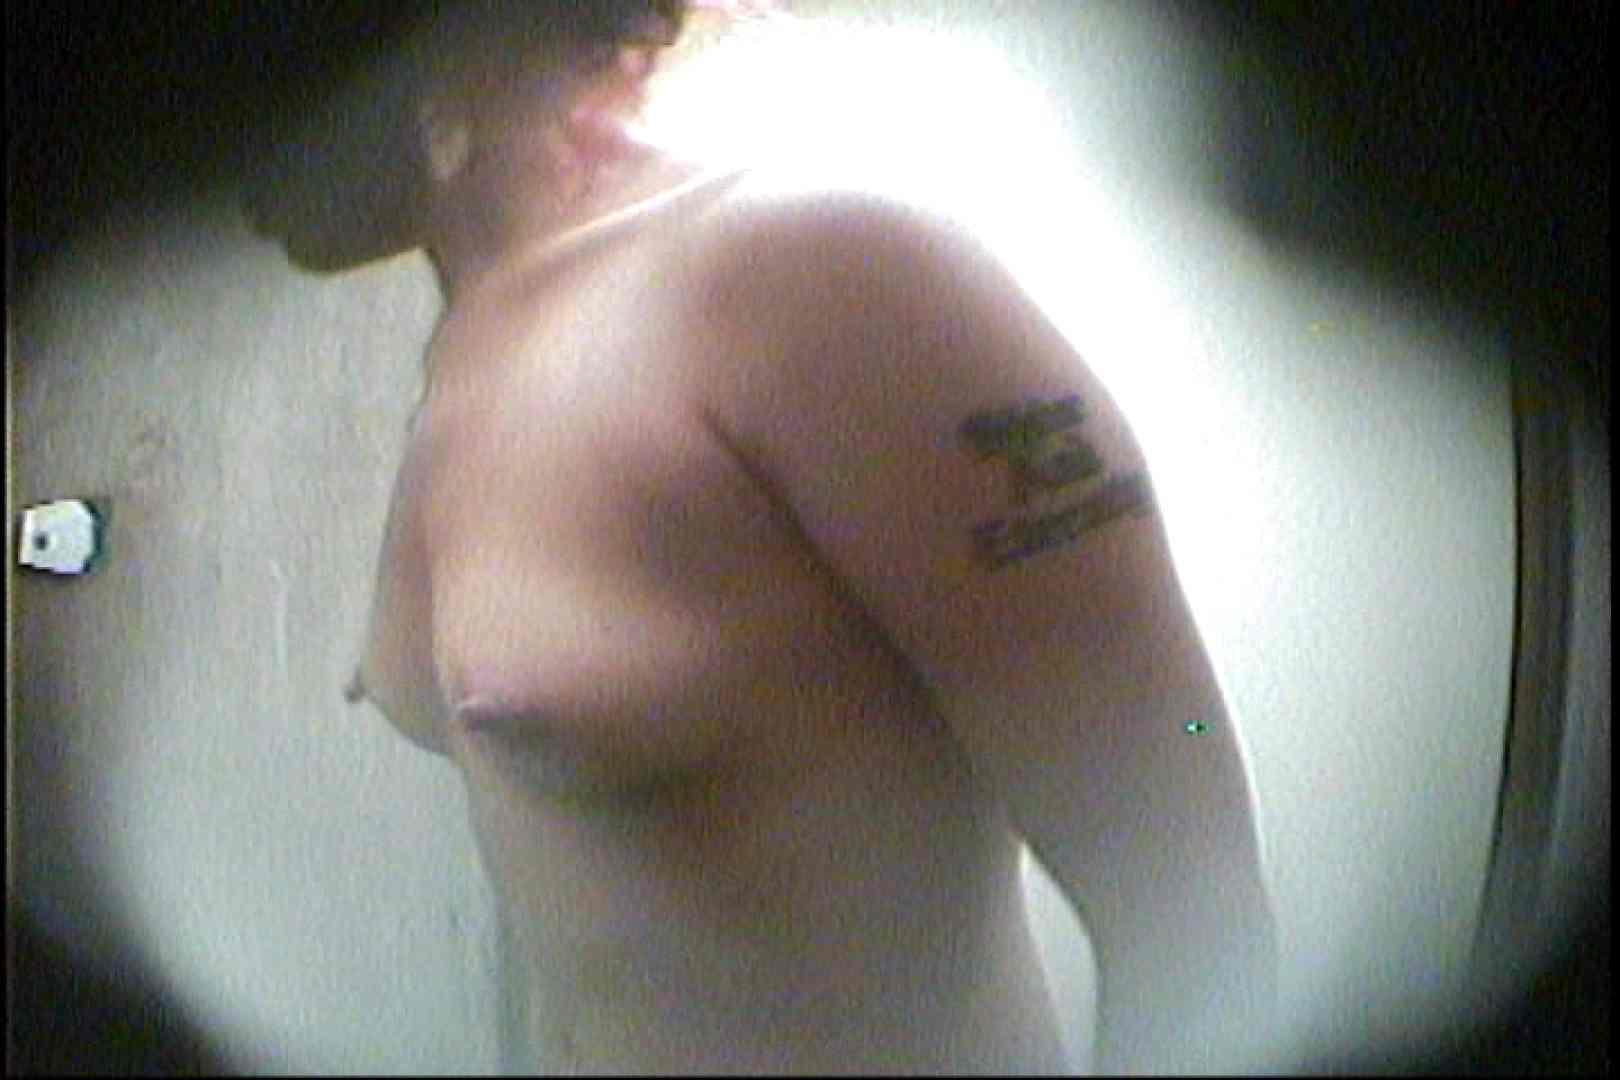 海の家の更衣室 Vol.29 OL   シャワー中  45連発 4